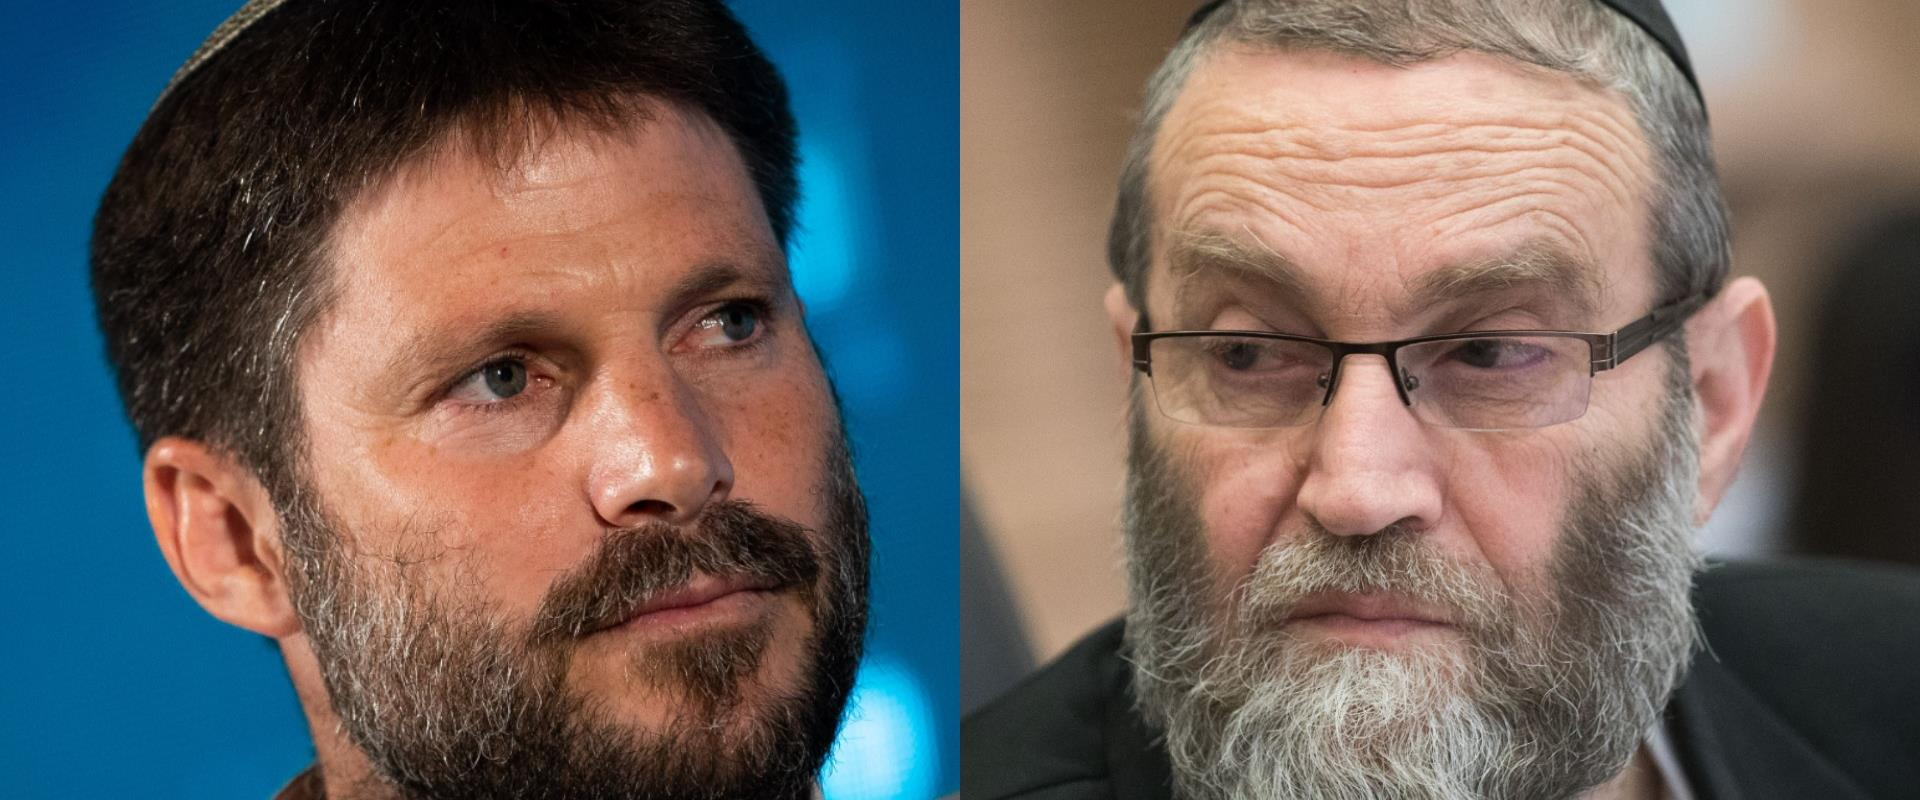 משה גפני, בצלאל סמוטריץ', ארכיון